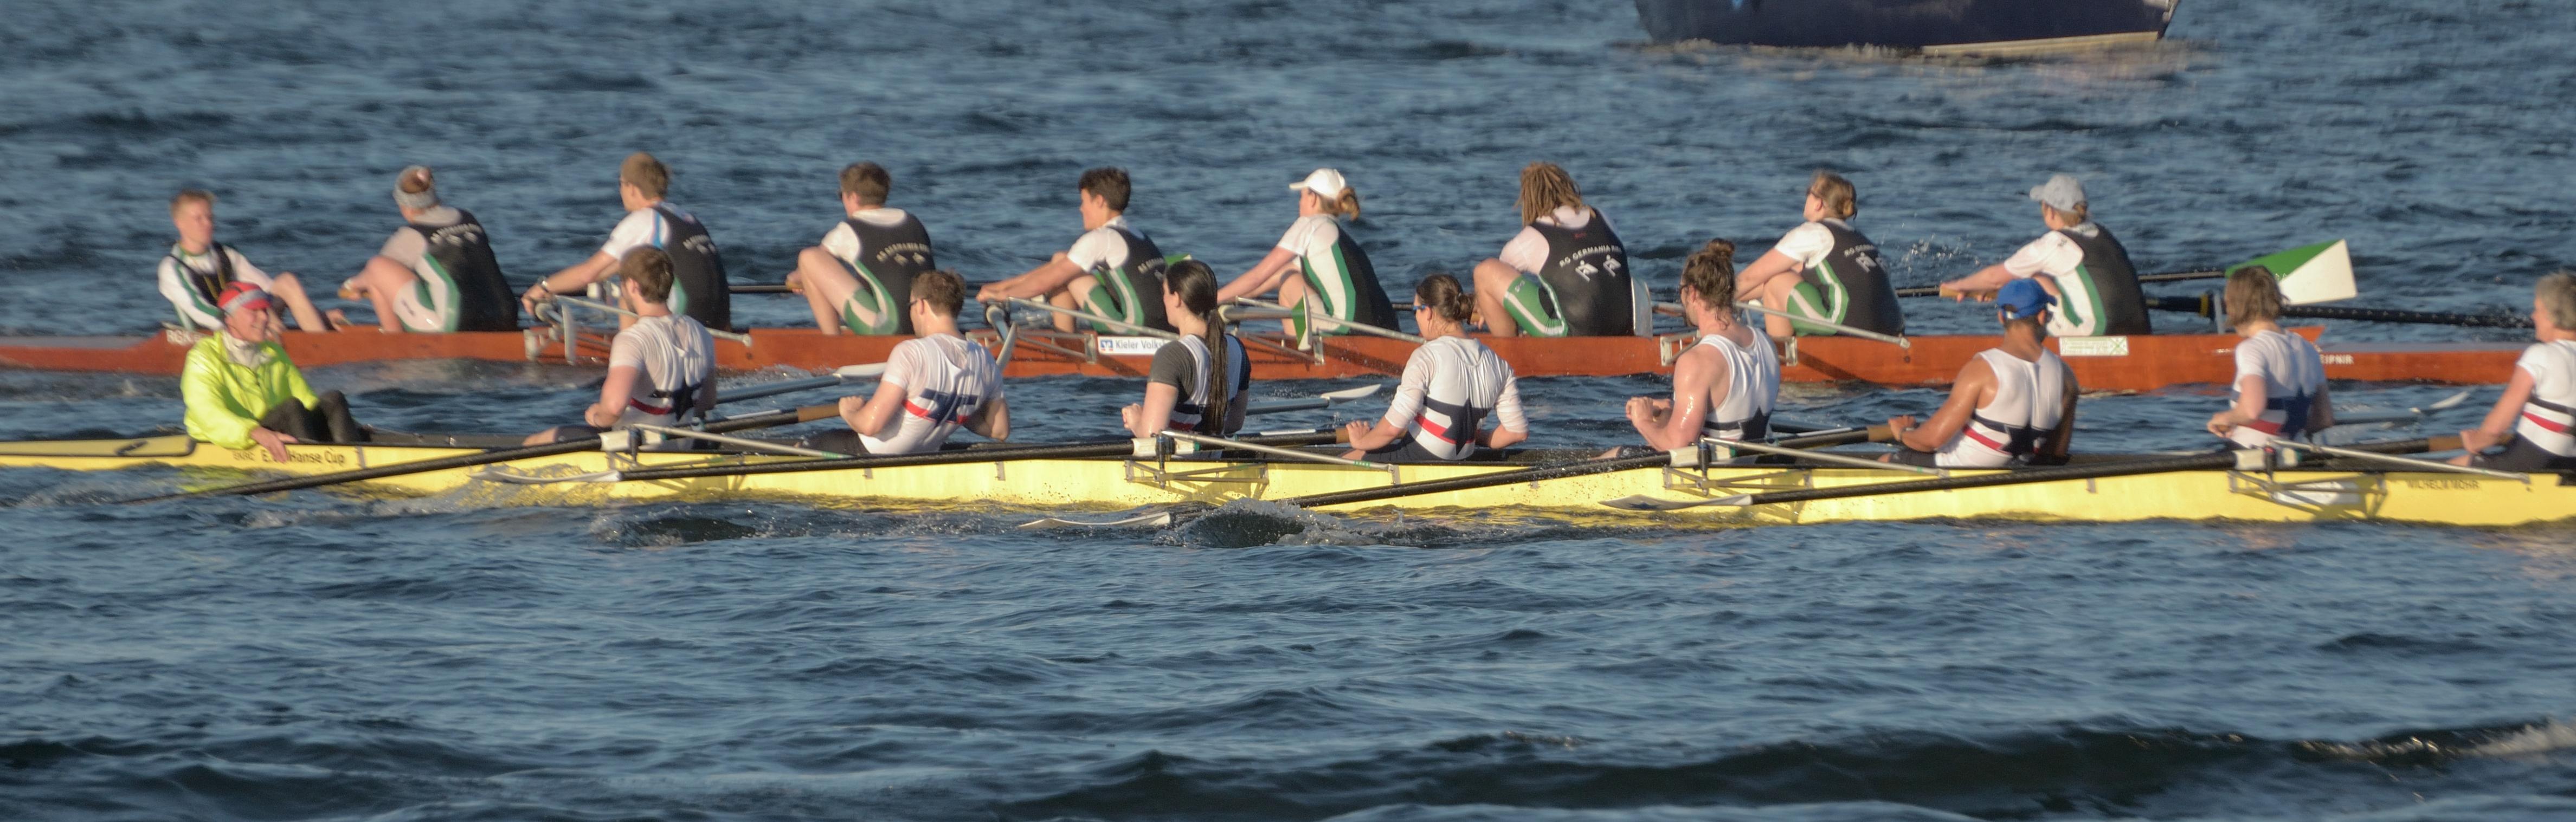 Die Rennachter vom EKRC und der RG Germania liefern sich einen harten Bord an Bord Kampf